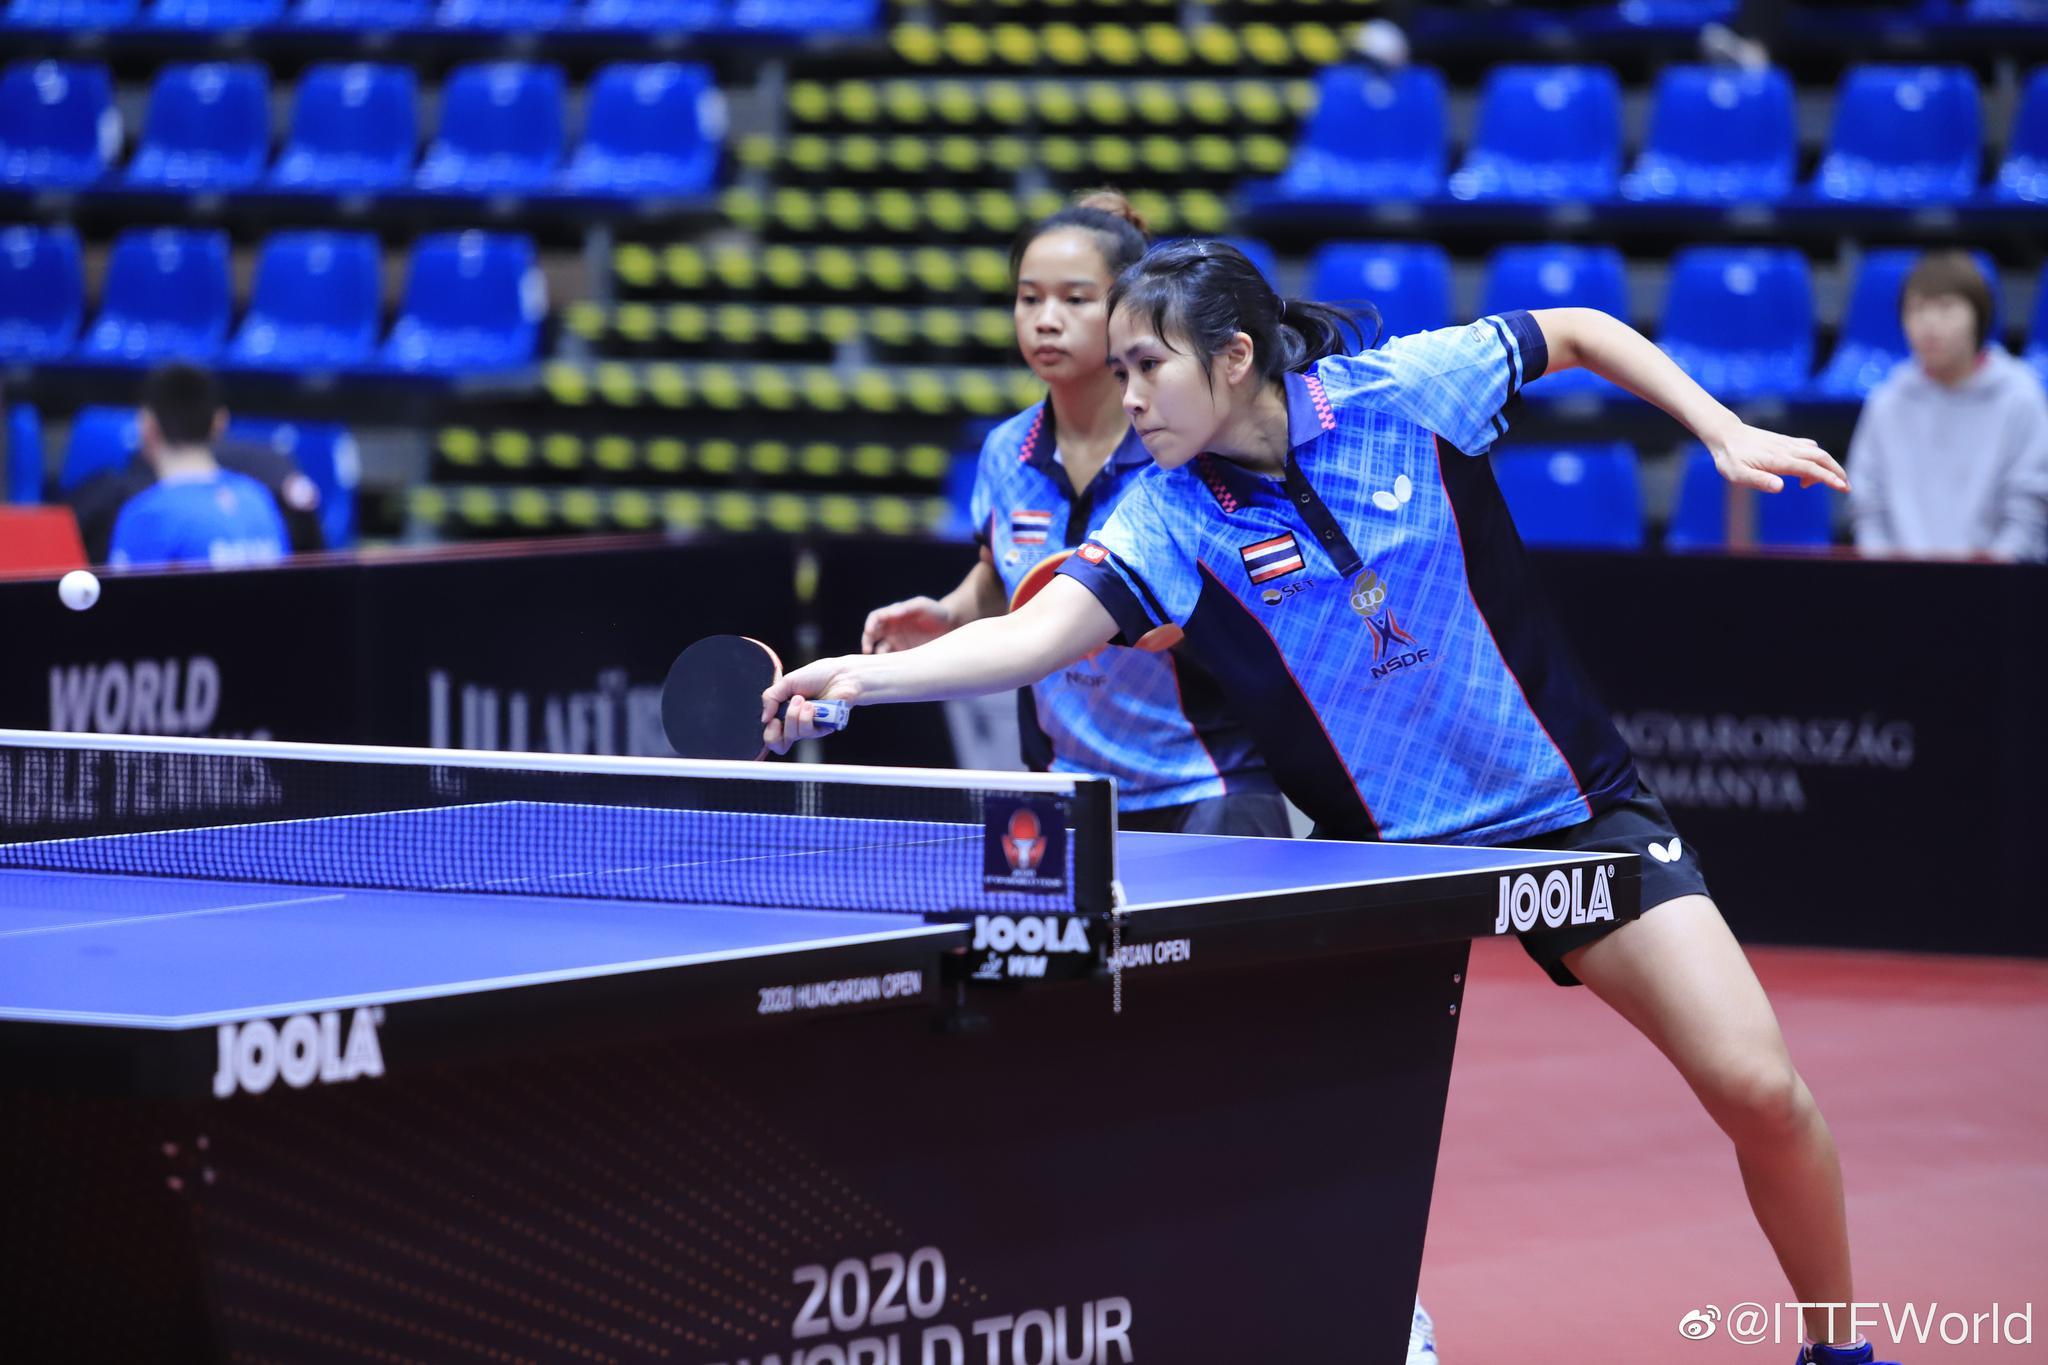 女双1/4决赛,泰国组合巴拉南/萨维塔布特发挥出色